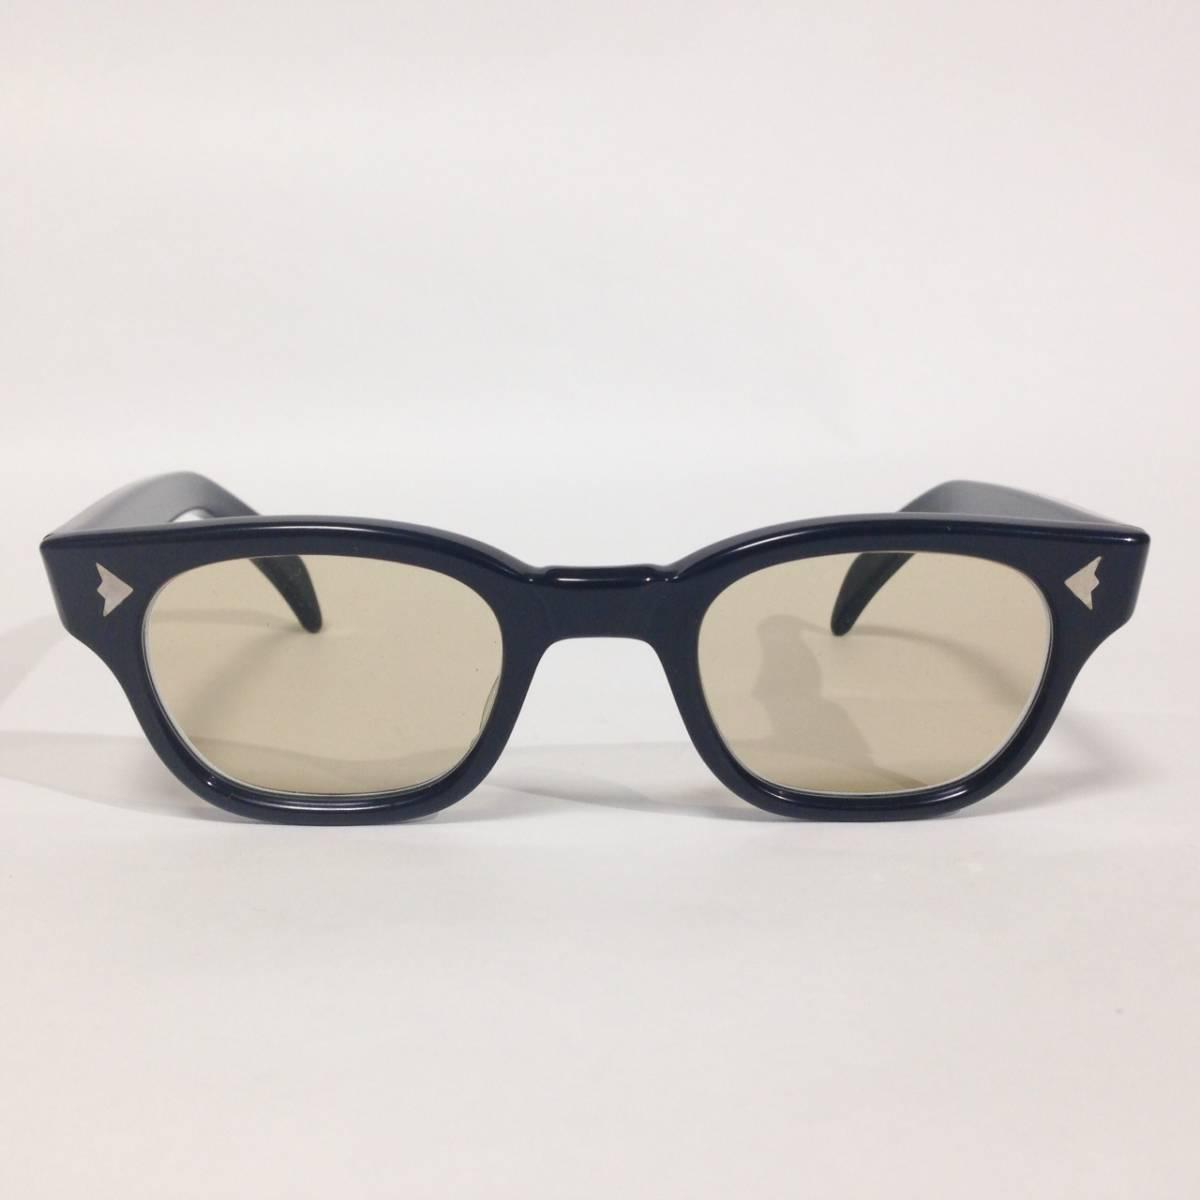 SRO=STYL-RITE OPTICS ヴィンテージフレーム 眼鏡 中古品/ スティル ライト オプティクス メガネ めがね ウエリントン フルリム VINTAGE